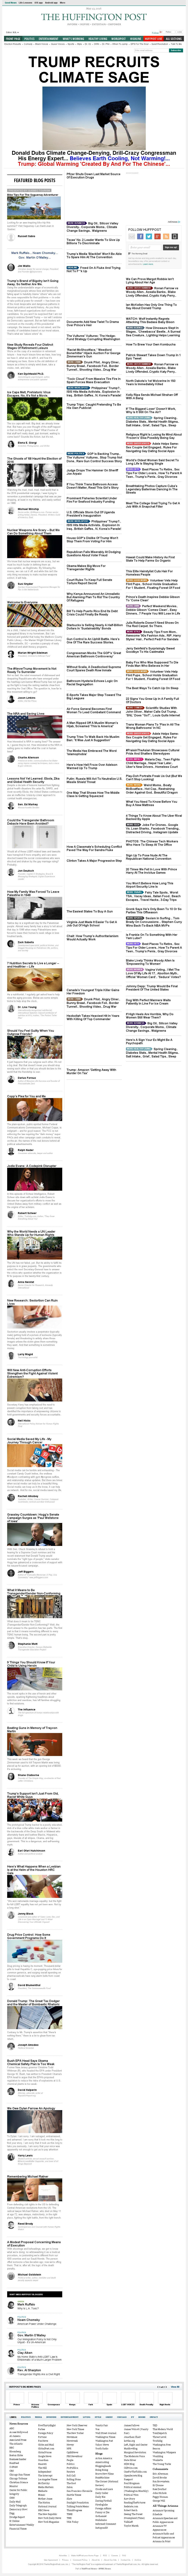 The Huffington Post at Saturday May 14, 2016, 2:08 a.m. UTC